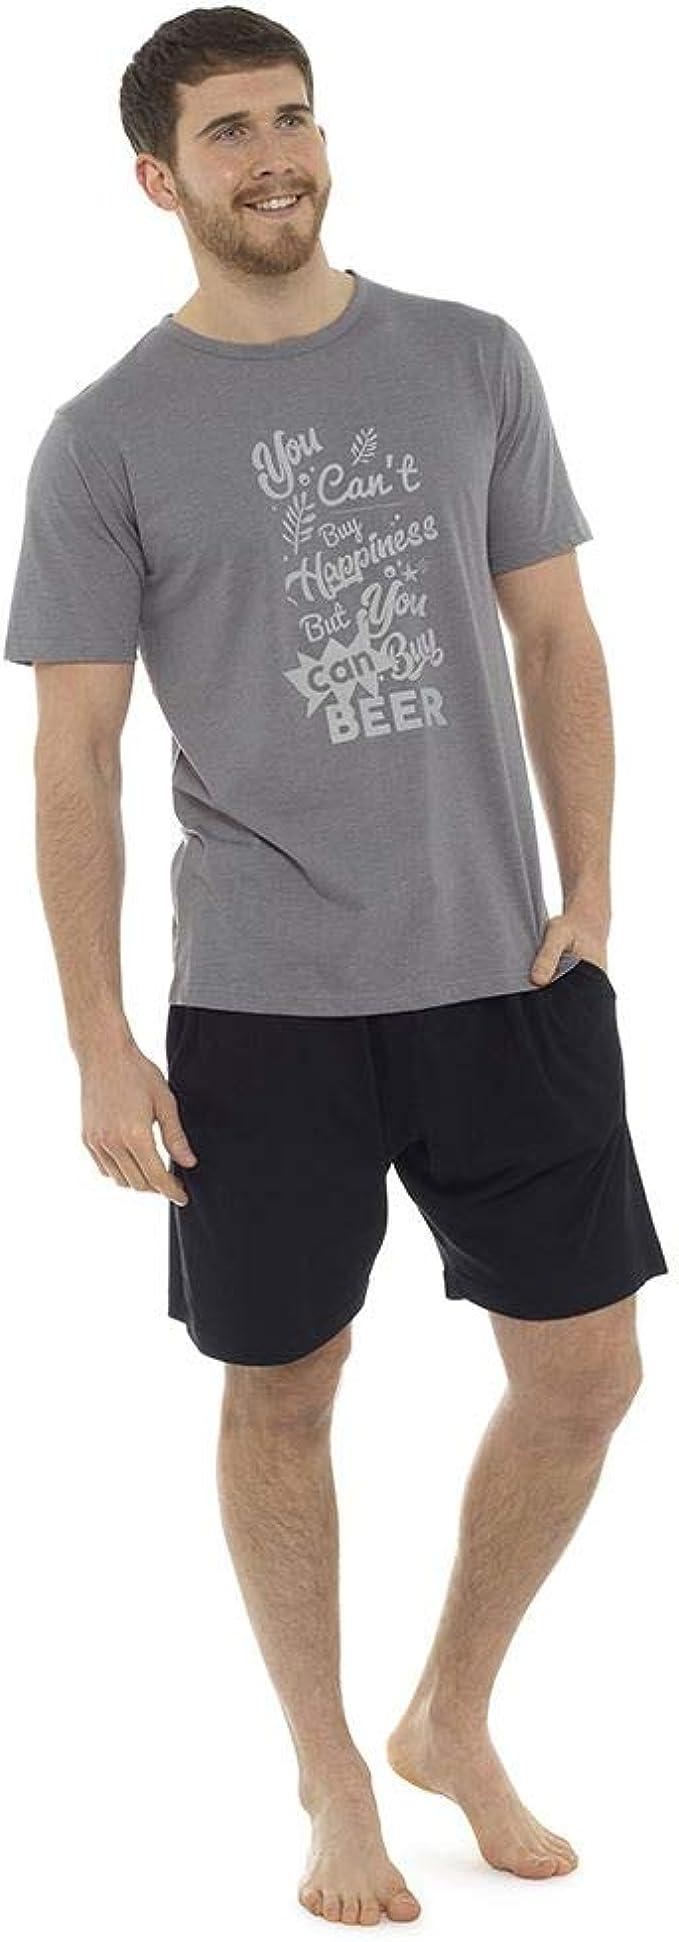 Pijama Corto de algodón para Hombre Tom Franks, Pijama con Logo M-2XL, a Rayas o Camuflaje